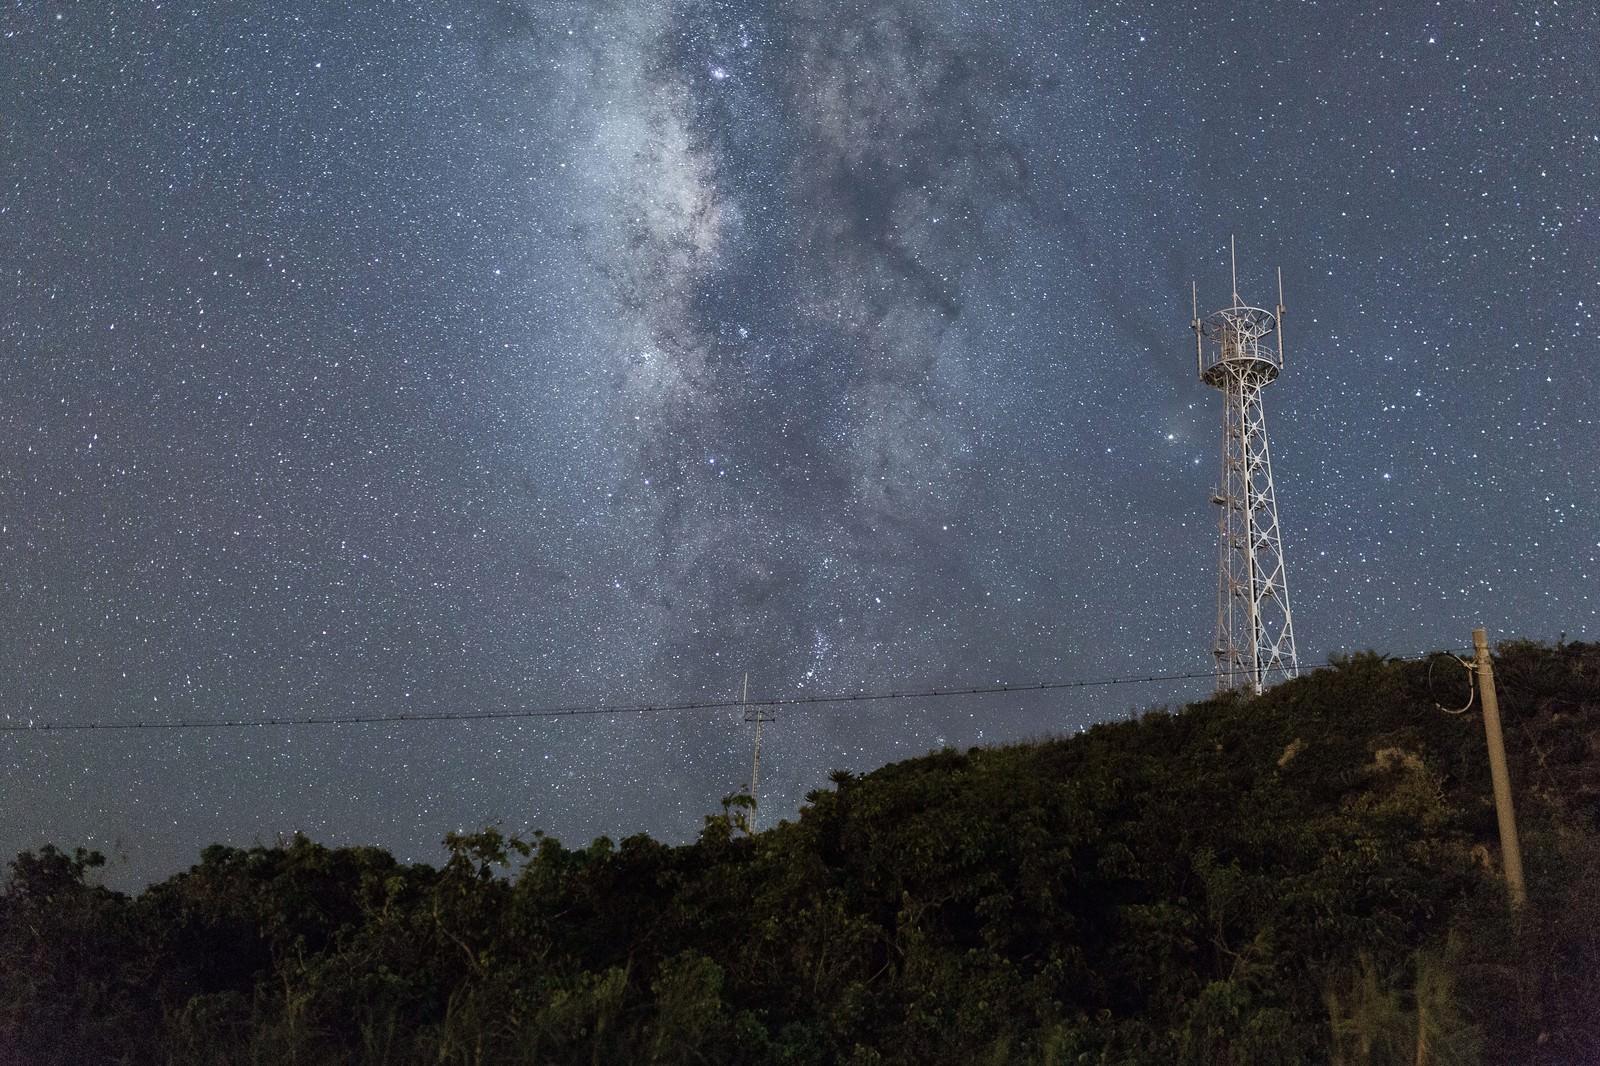 「島と鉄塔と星空島と鉄塔と星空」のフリー写真素材を拡大